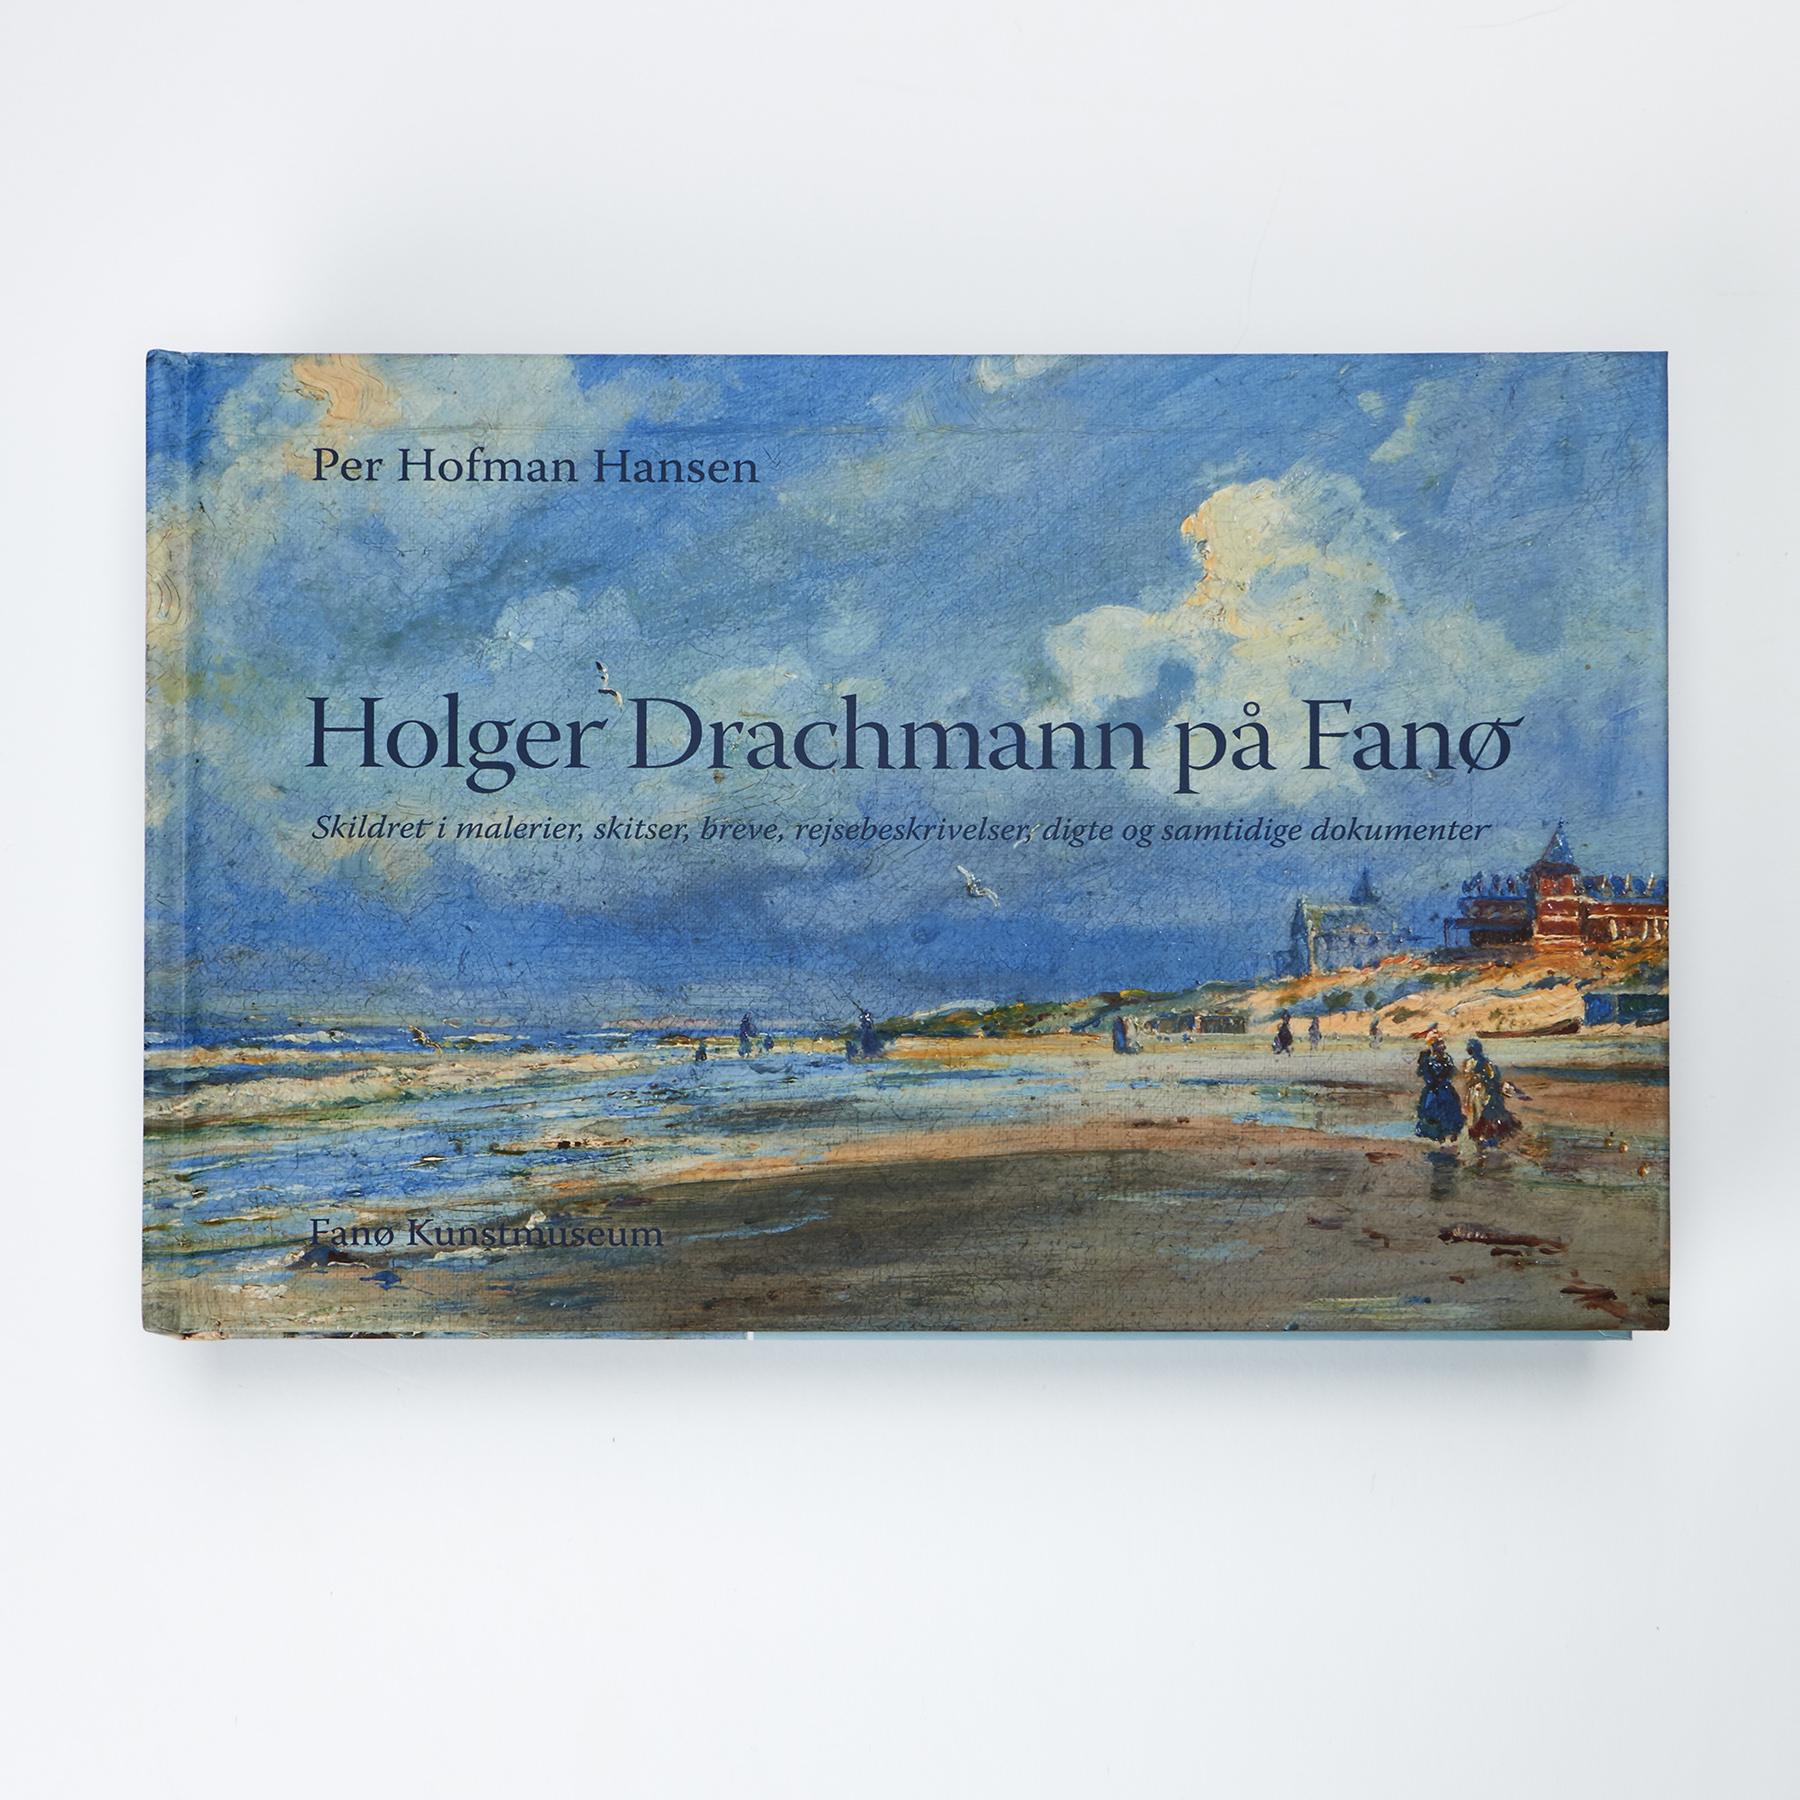 Holger Drachmann på Fanø